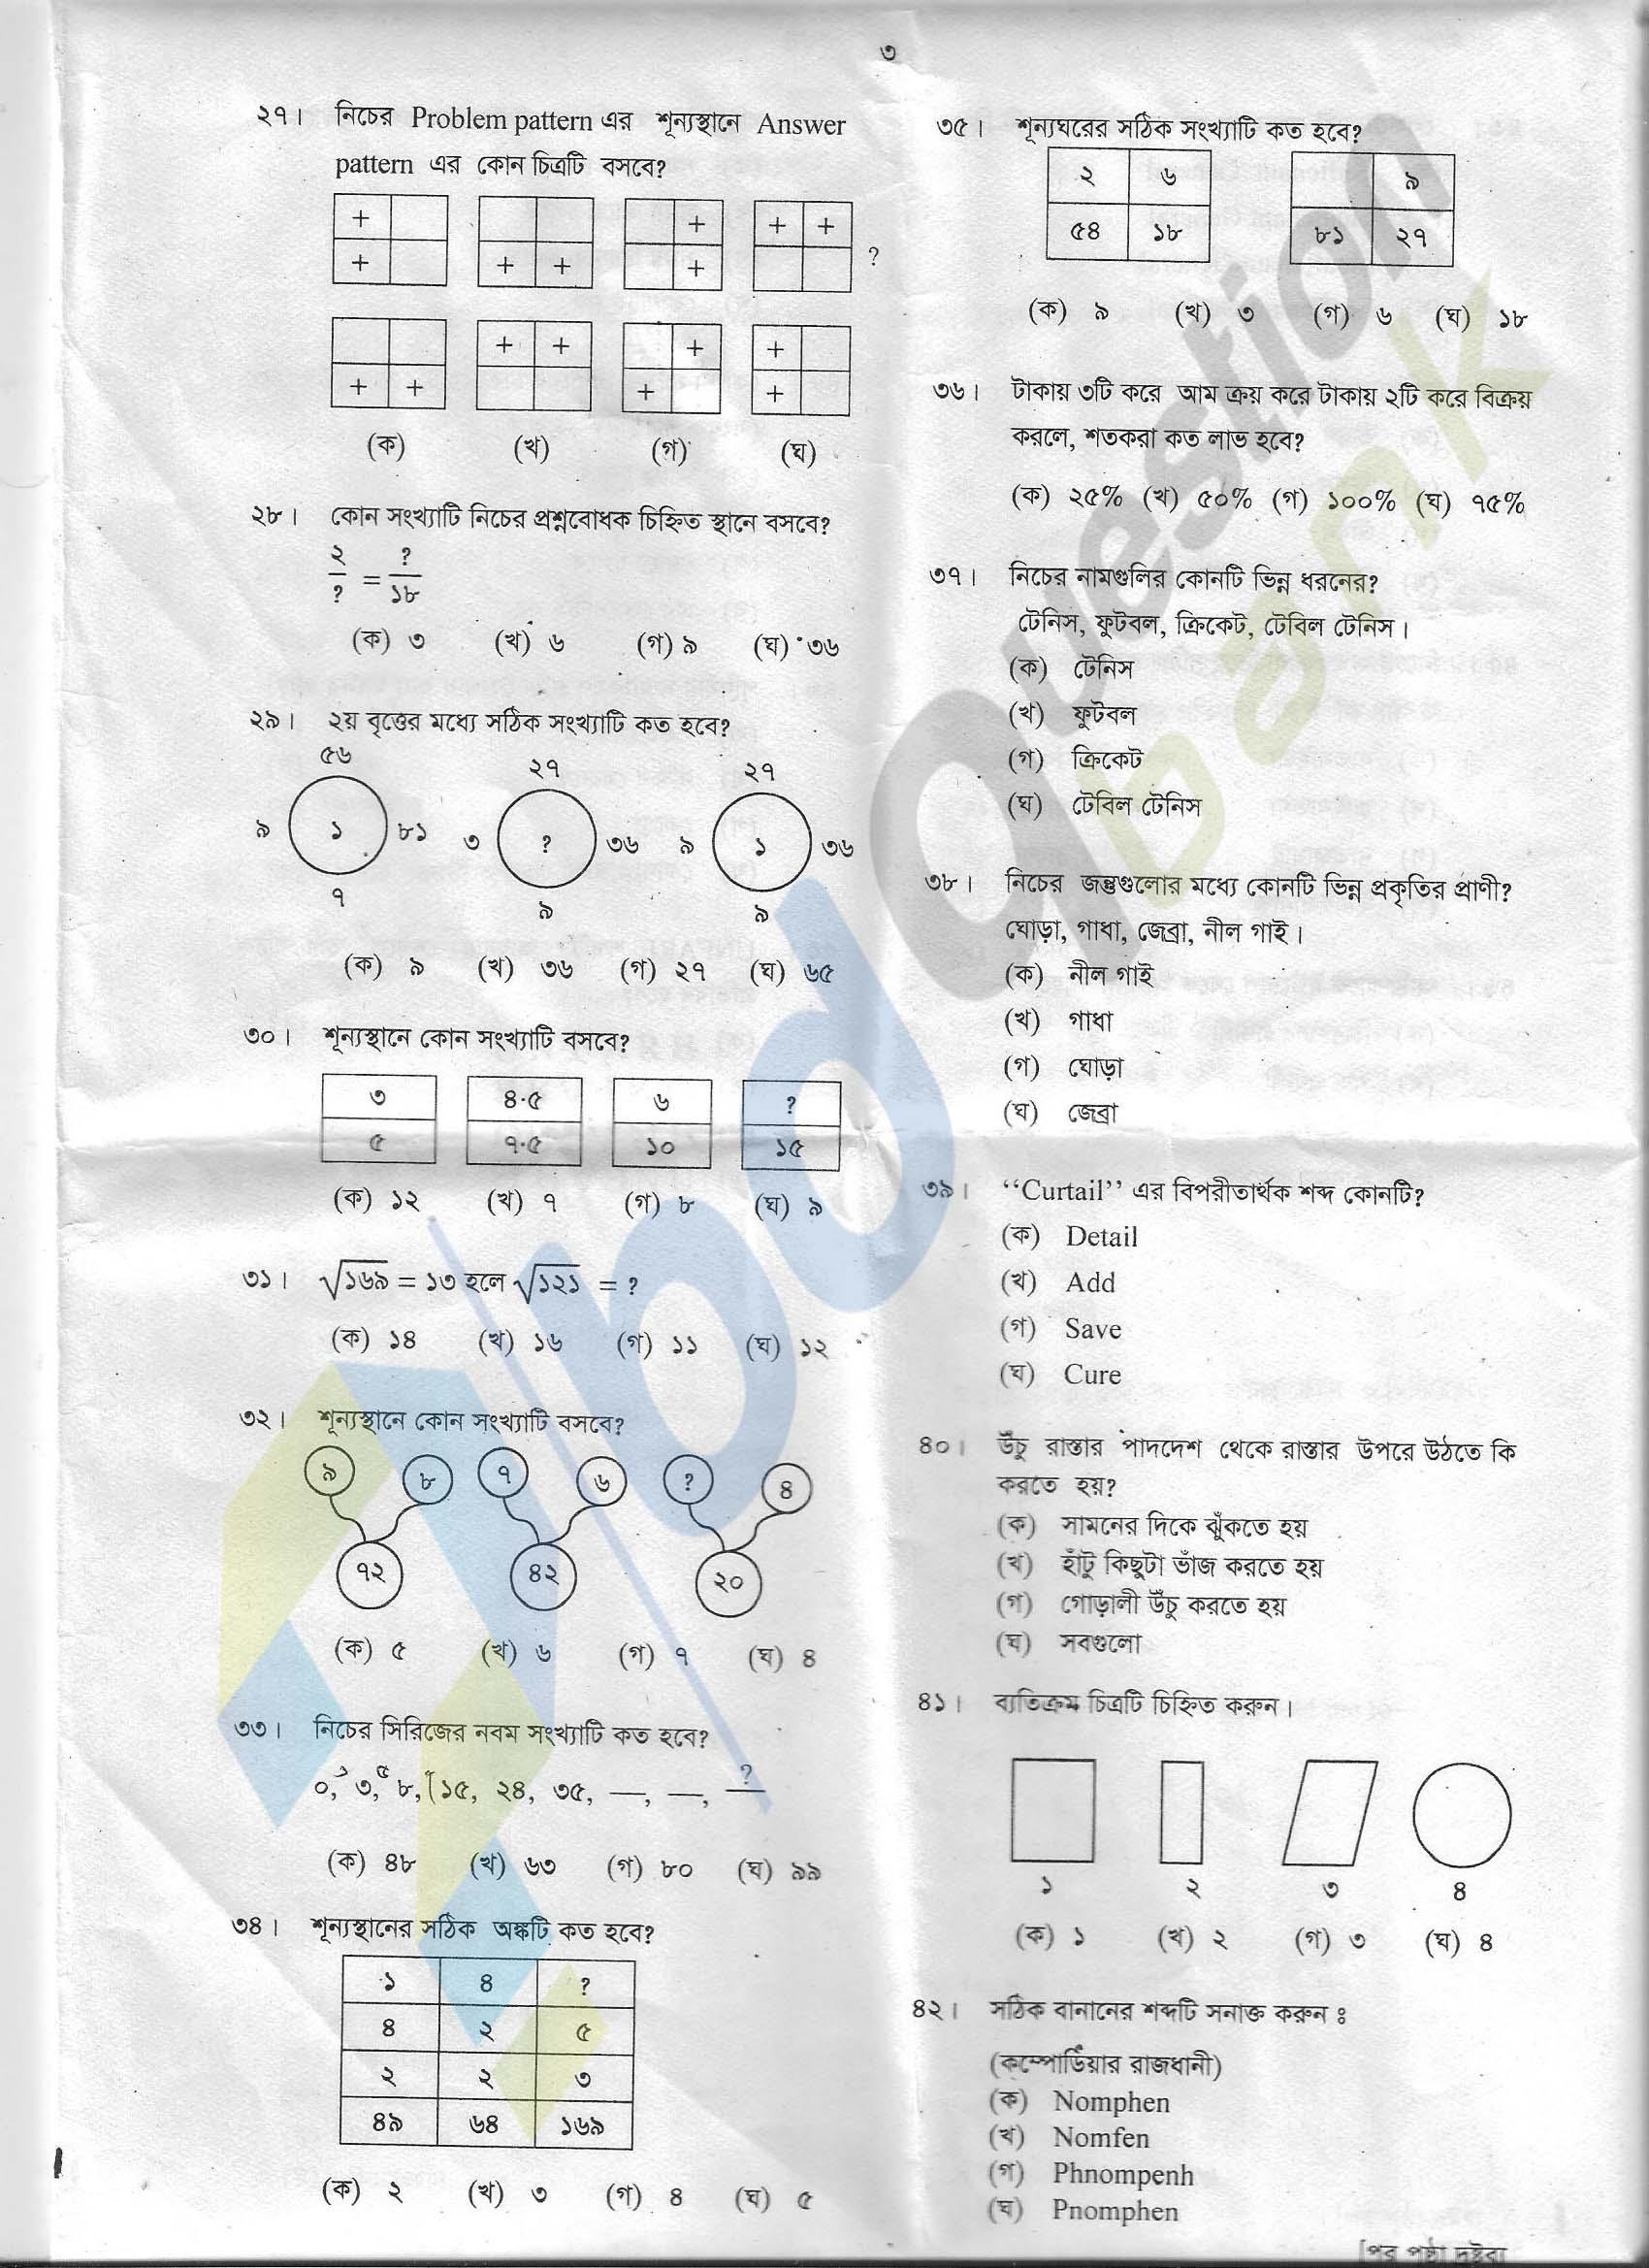 ৩৫ তম বিসিএস লিখিত পরীক্ষার প্রশ্ন - গানিতিক যুক্তি ও মানসিক দক্ষতা 3